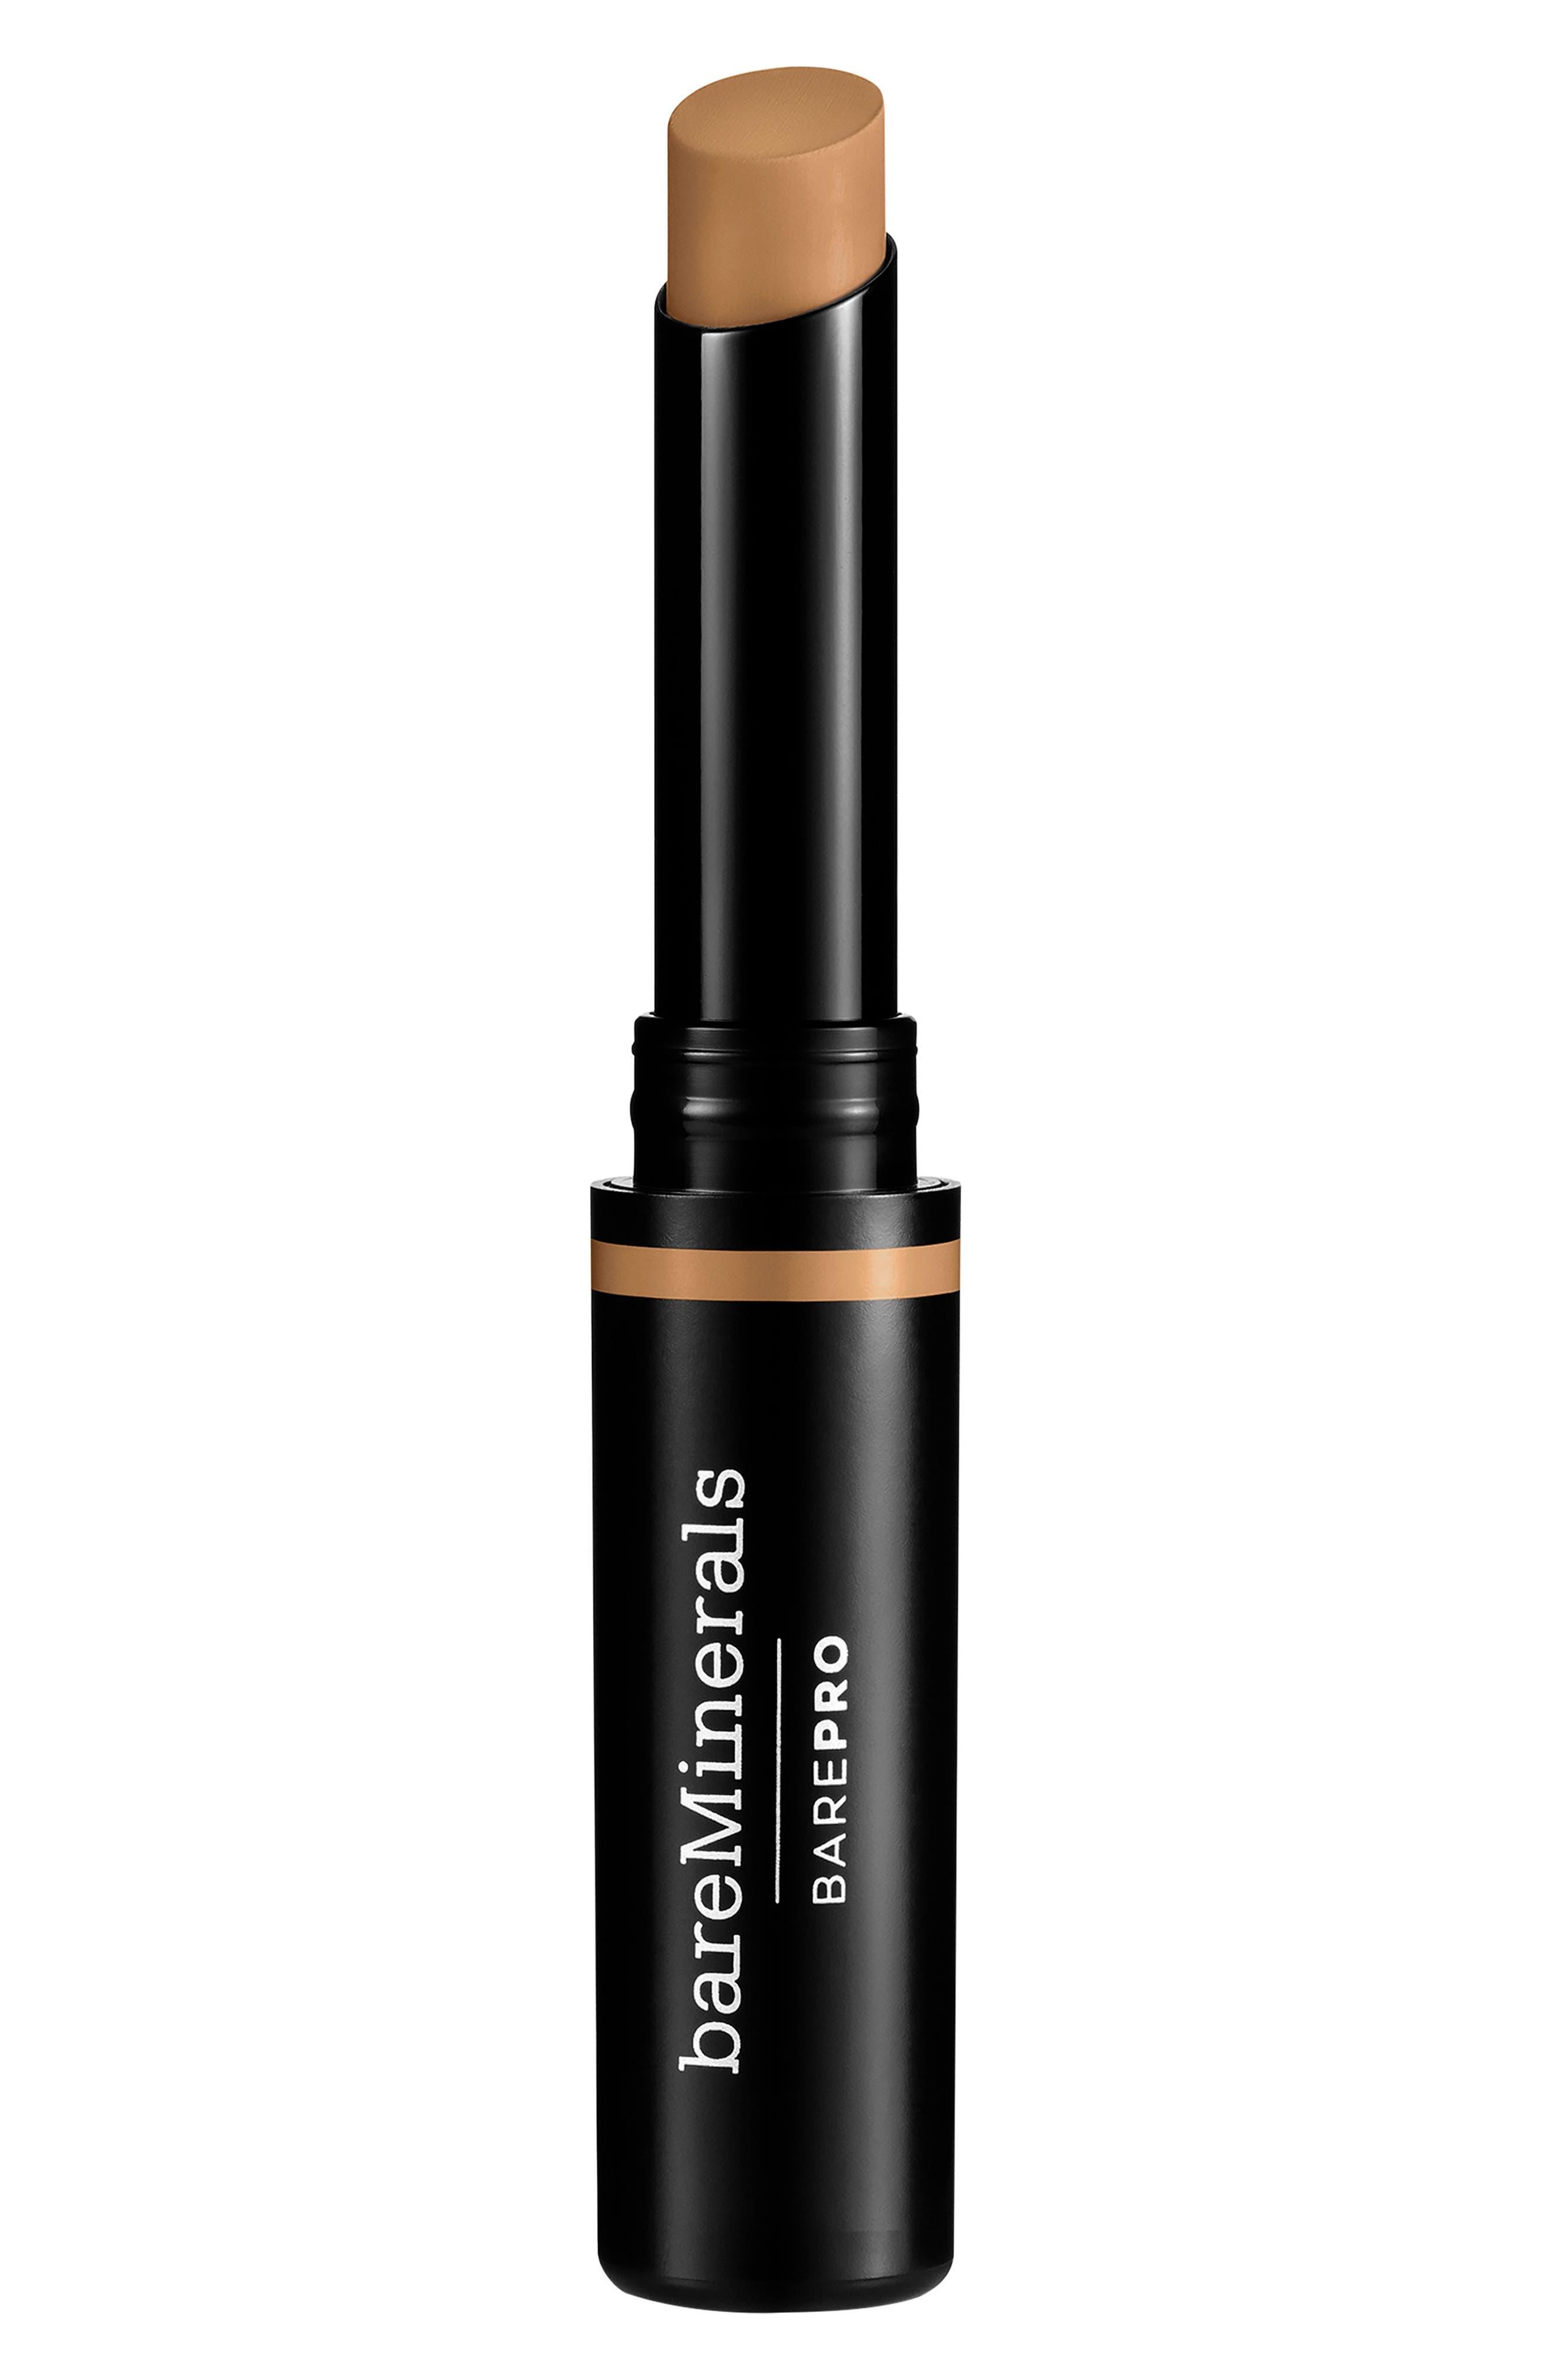 Bareminerals Barepro Stick Concealer